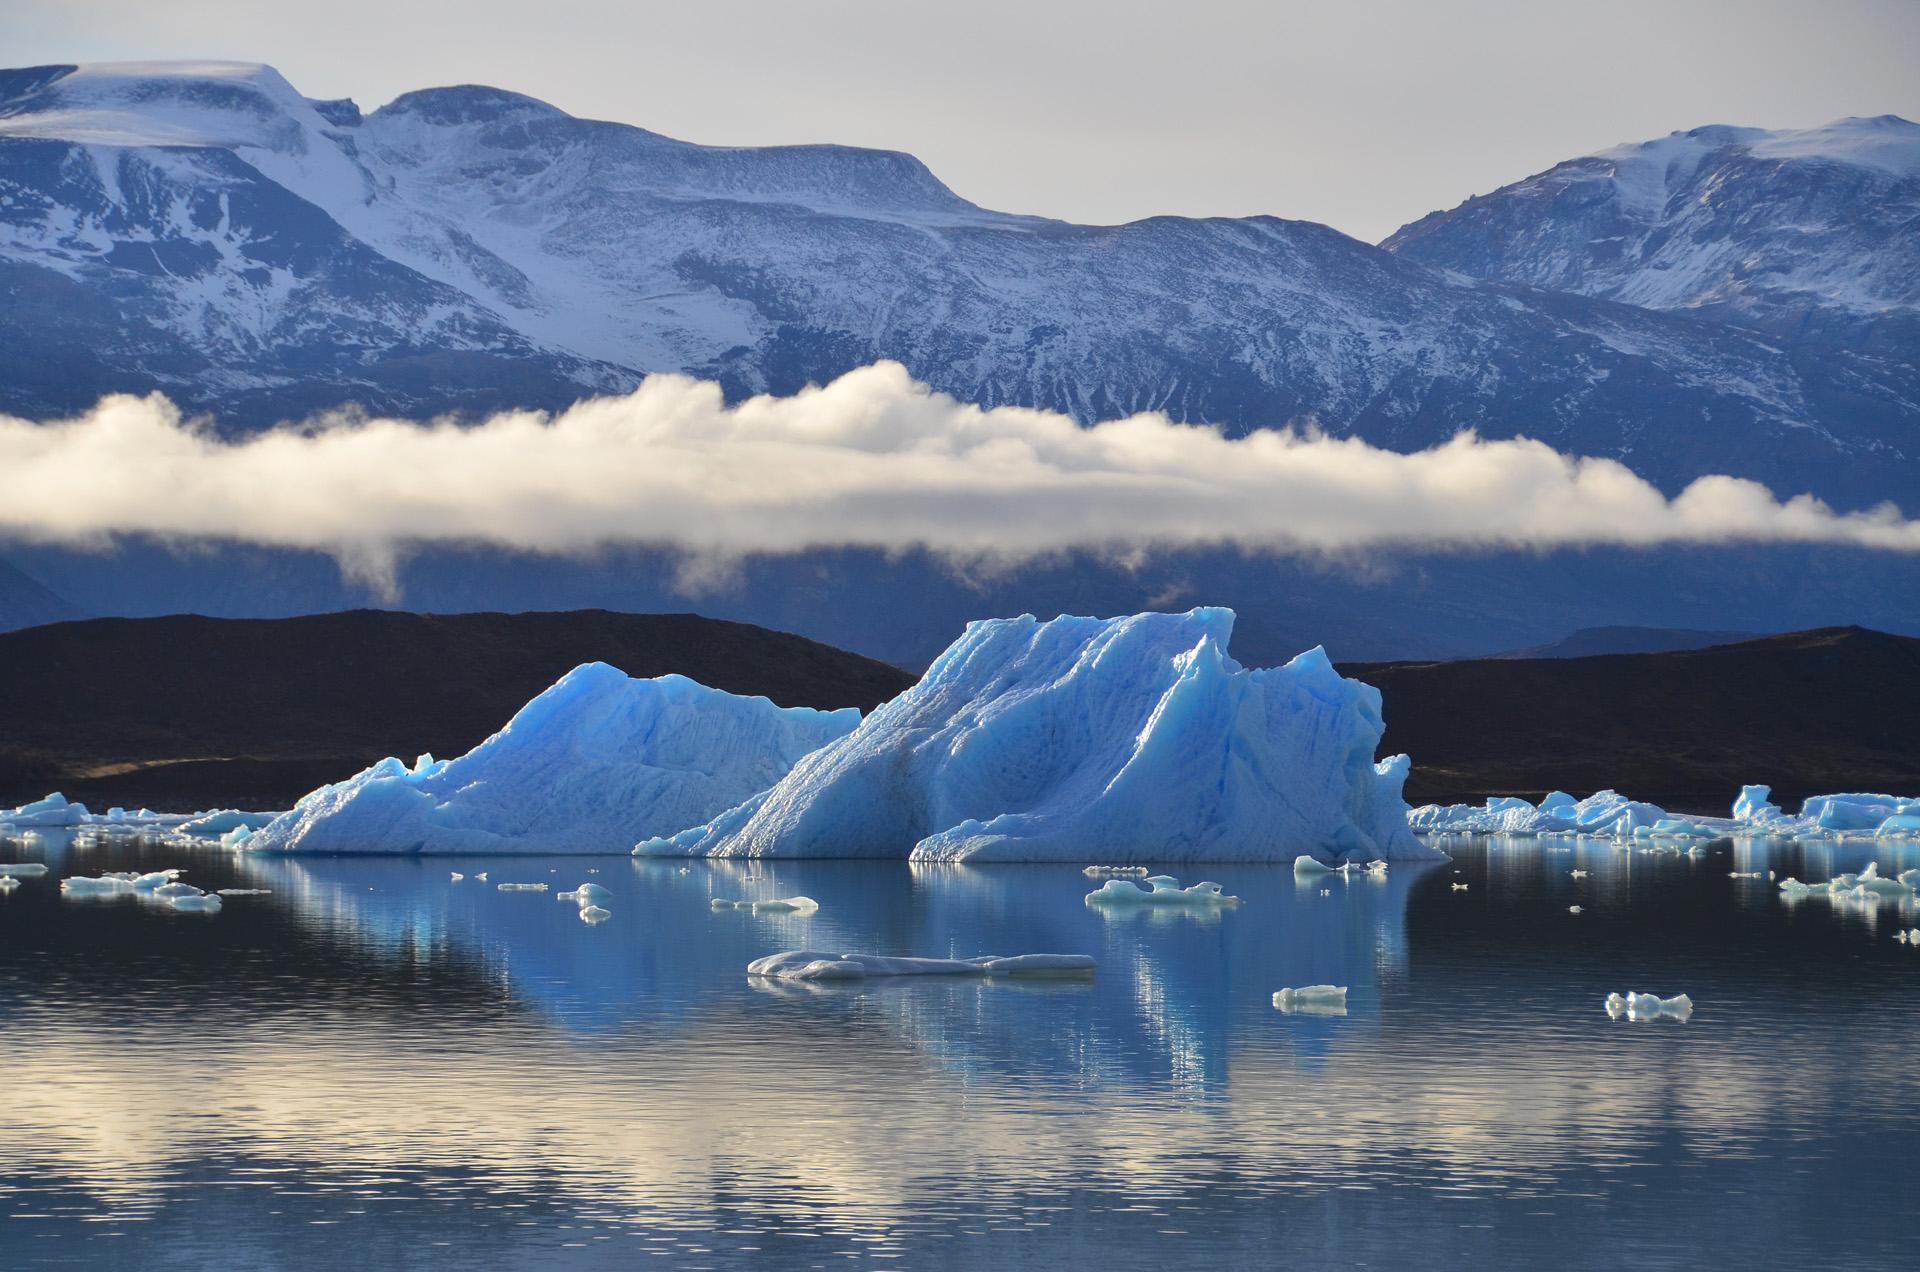 Parque Nacional Los Glaciares. En nuestro país hay 14.500 glaciares, que se distribuyen a lo largo de casi 4.000 kilómetros en la Cordillera de los Andes (Foto del Parque Nacional Los Glaciares)